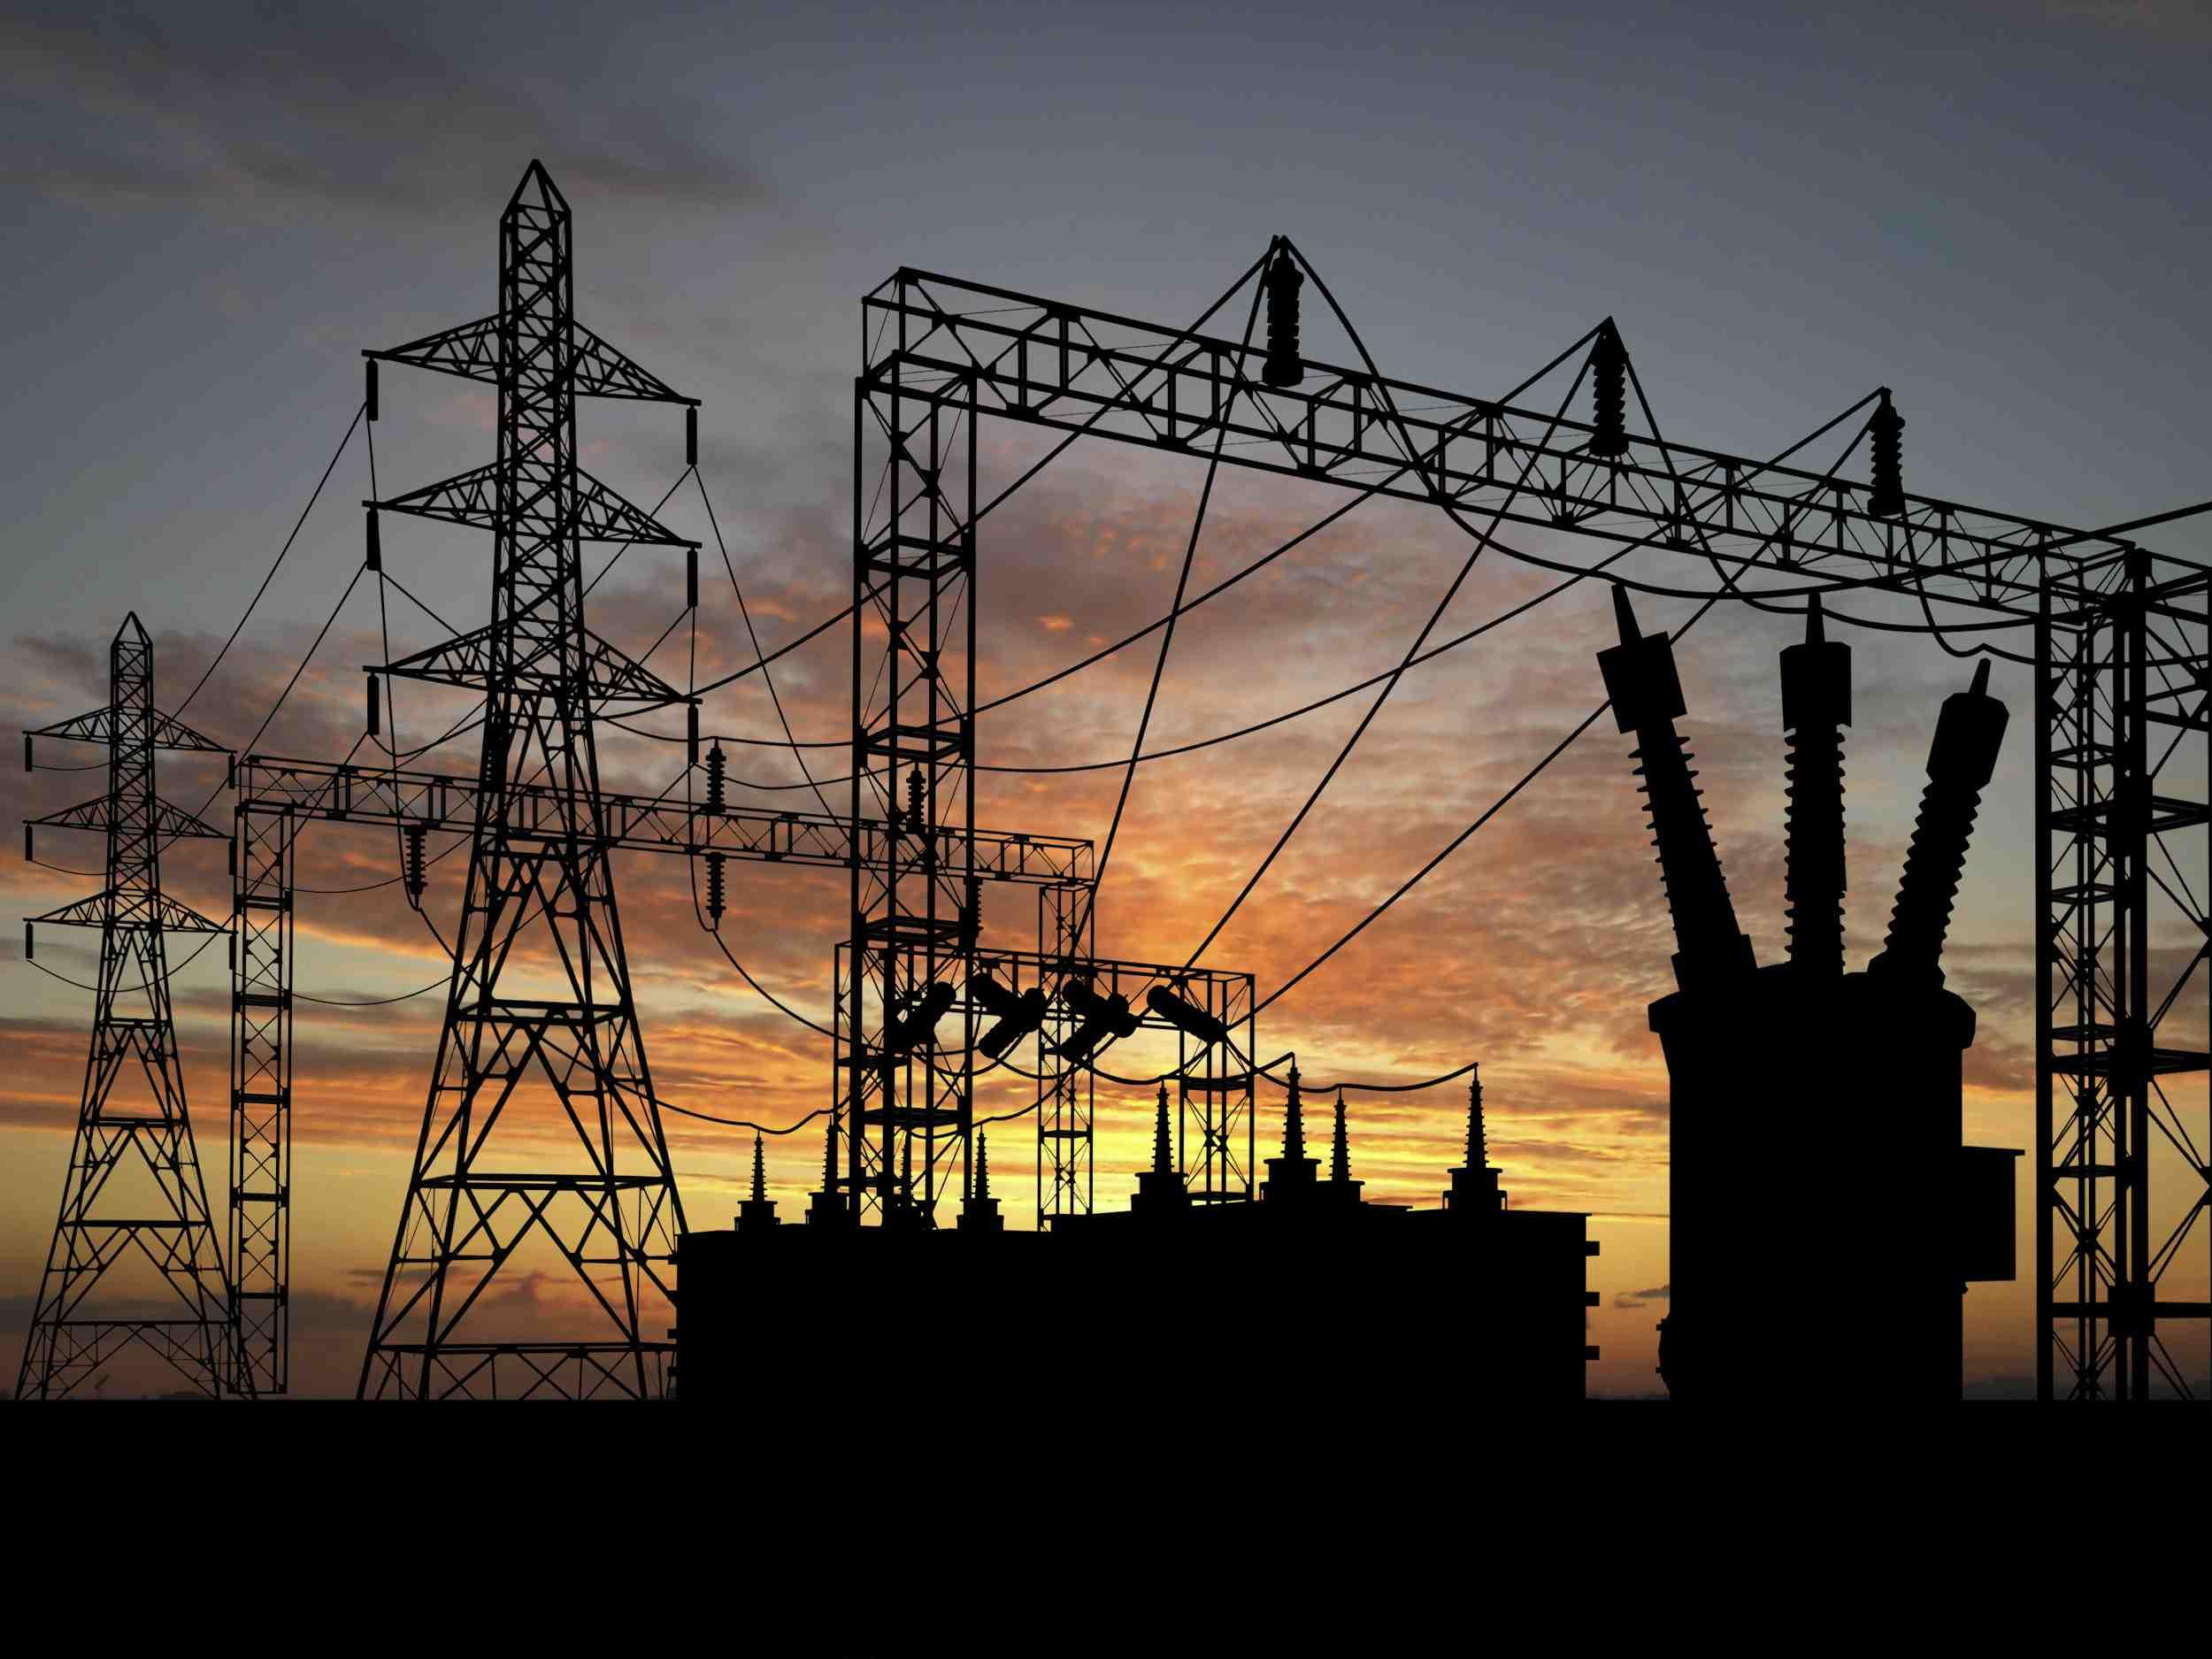 Русский  предприниматель  купил две станции повыробатыванию электричества  для майнинга